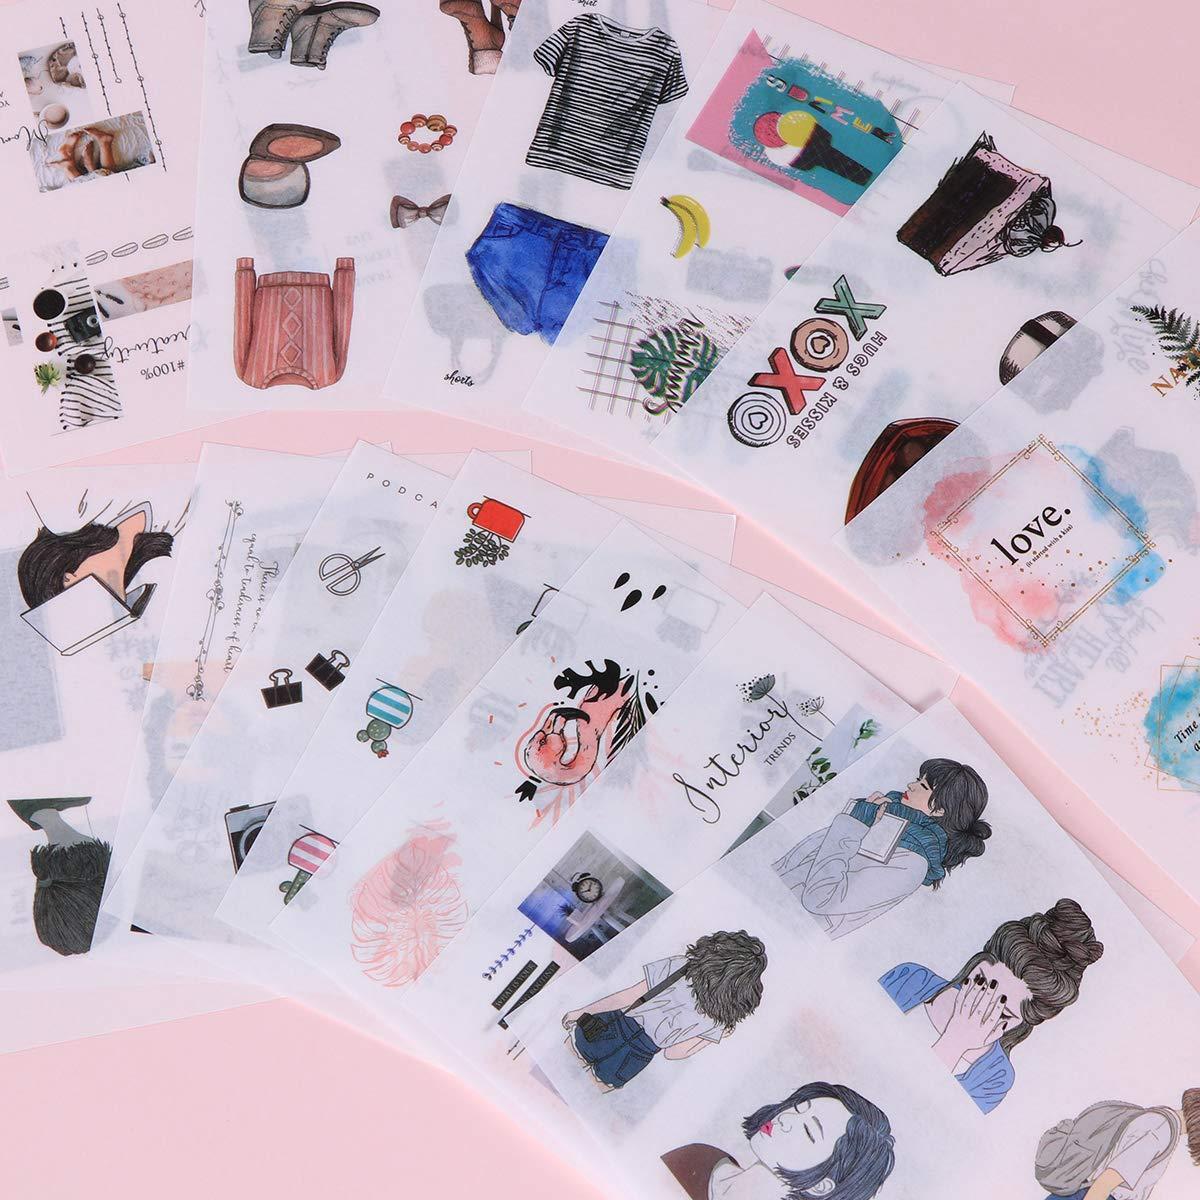 NUOBESTY 50 Fogli Adesivi Rivista Adesivo Diario Album Adesivi per Scrapbooking Agenda e Bullet journal Adesivo per Forniture Artigianali Fai da te e Decorazioni//Dream Pink